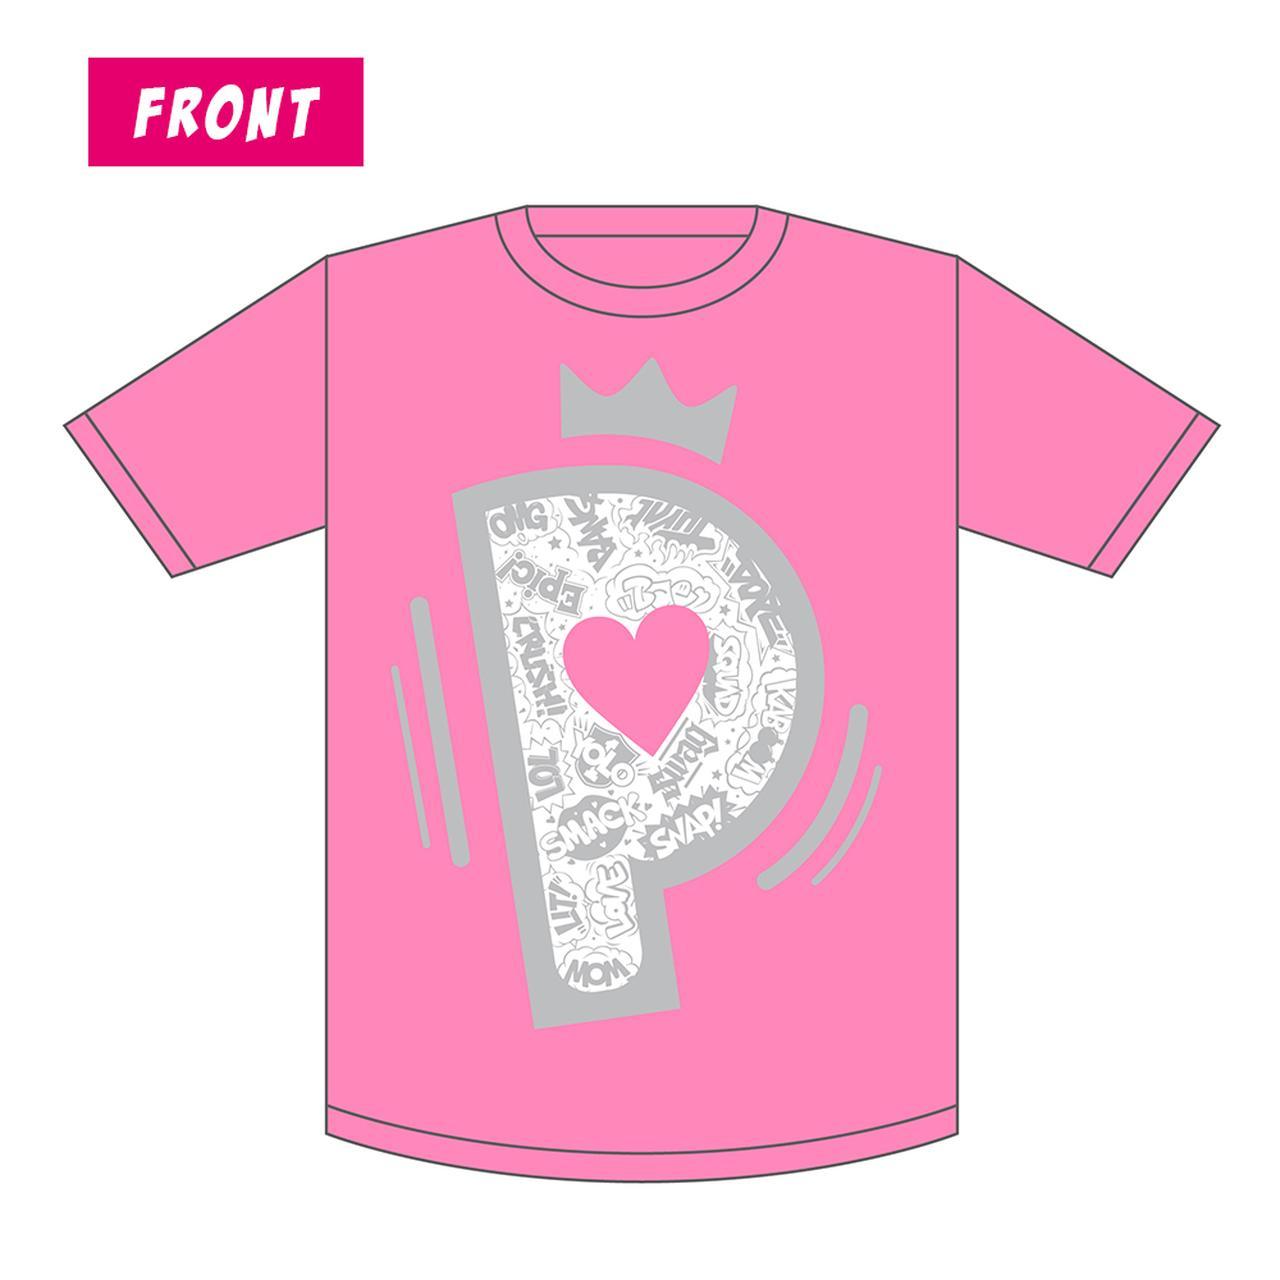 画像: Color:ピンク Size:S / M / L / XL Price:¥3,500 ※バックプリントにはアーティスト・ラインナップが入ります。